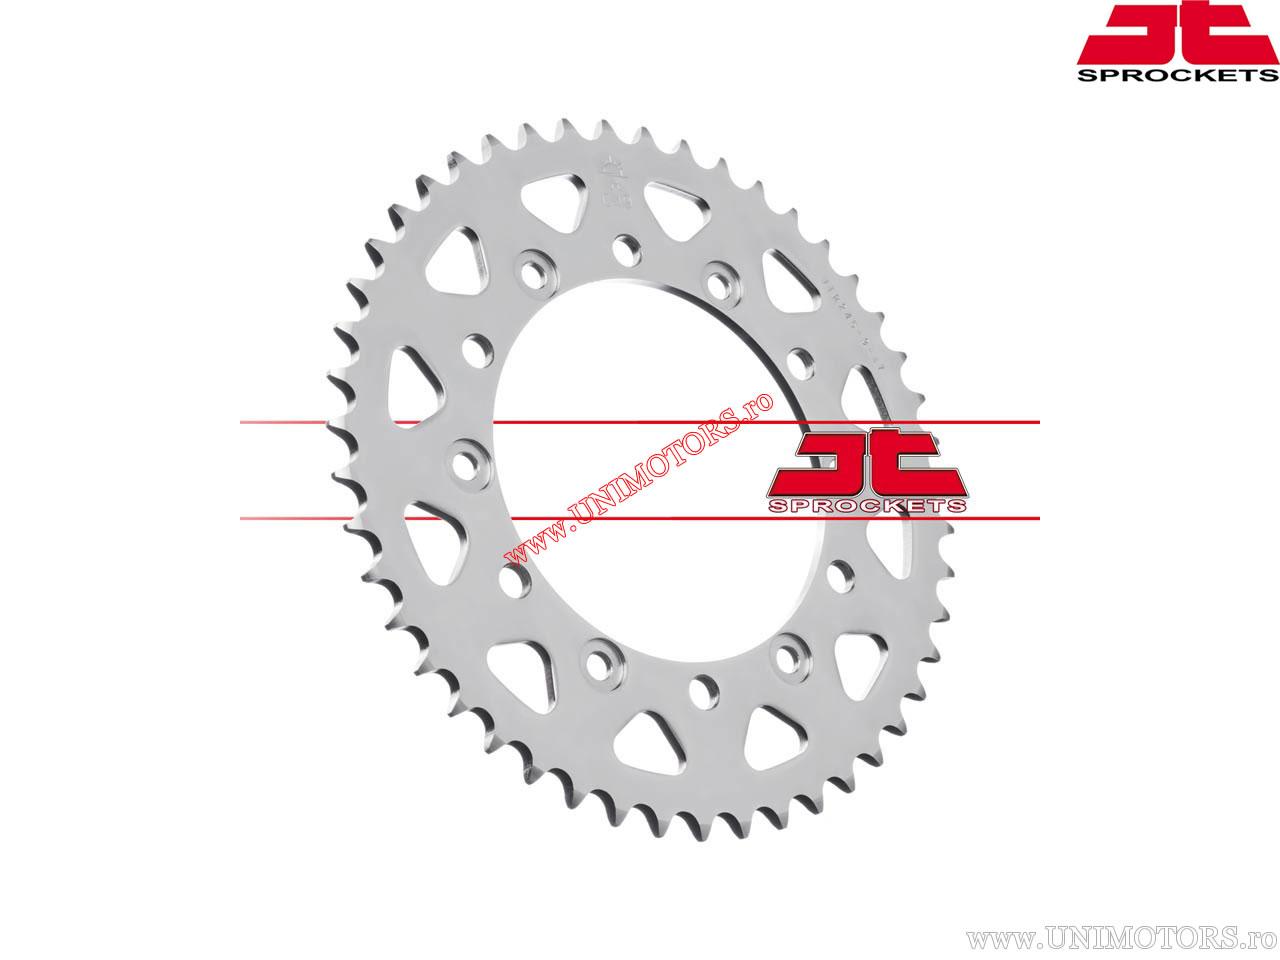 Pinion spate Honda FMX650 / FX650 / SLR650 / VT250 / NX650 Dominator / FZ-6 / XJ6 Diversion / XR600 / FZ-6R - JTR 245/3 - (JT)